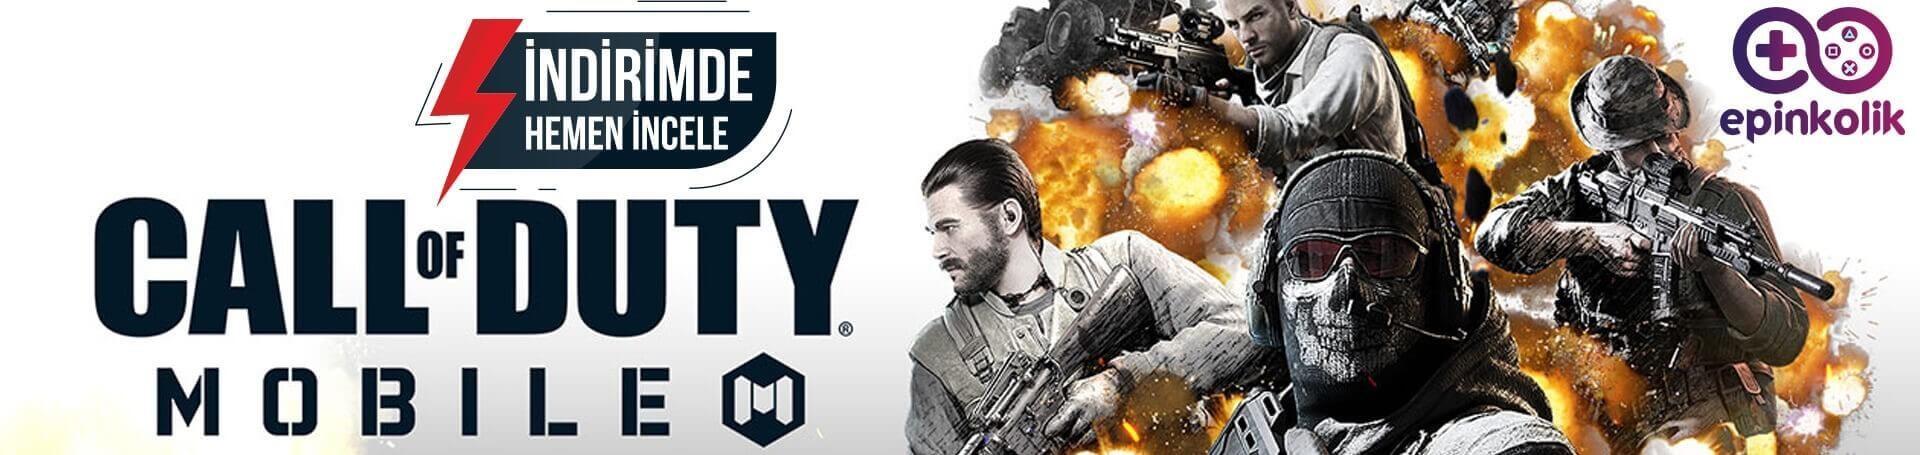 Call of Duty Mobile İçeriklerini İncele!